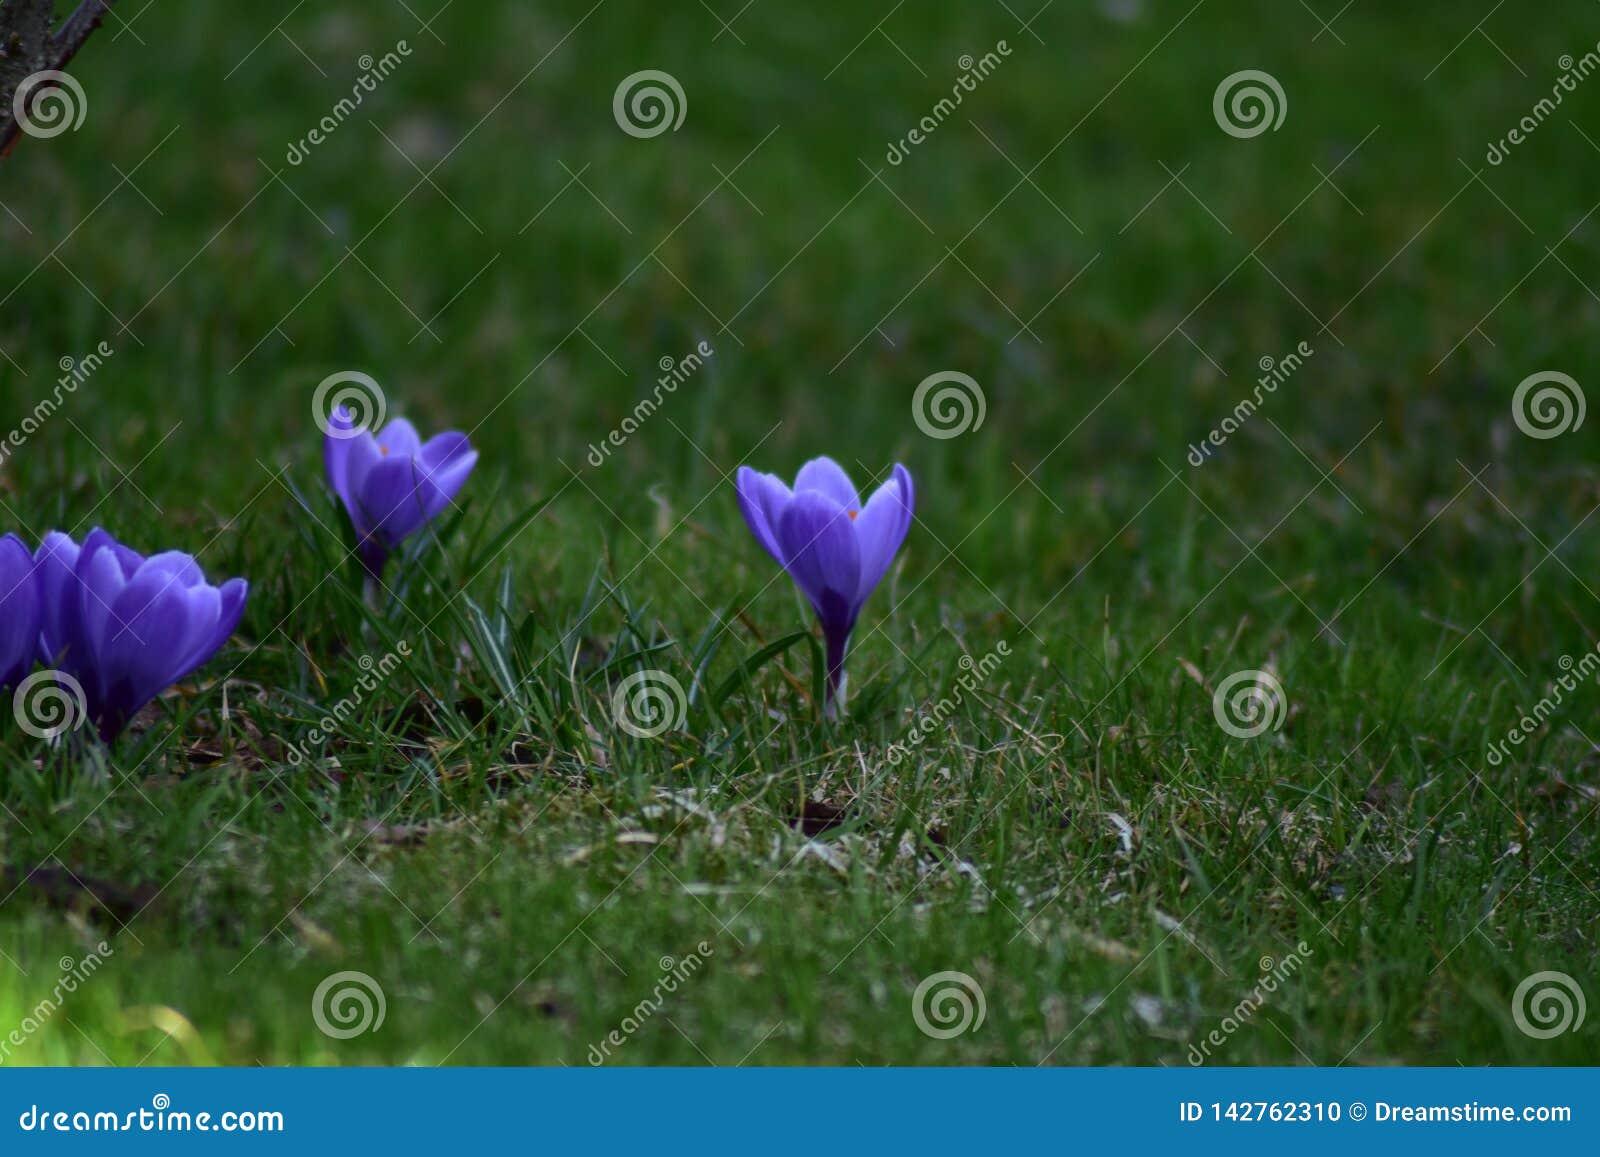 Drie purpere bloemen in een tuin